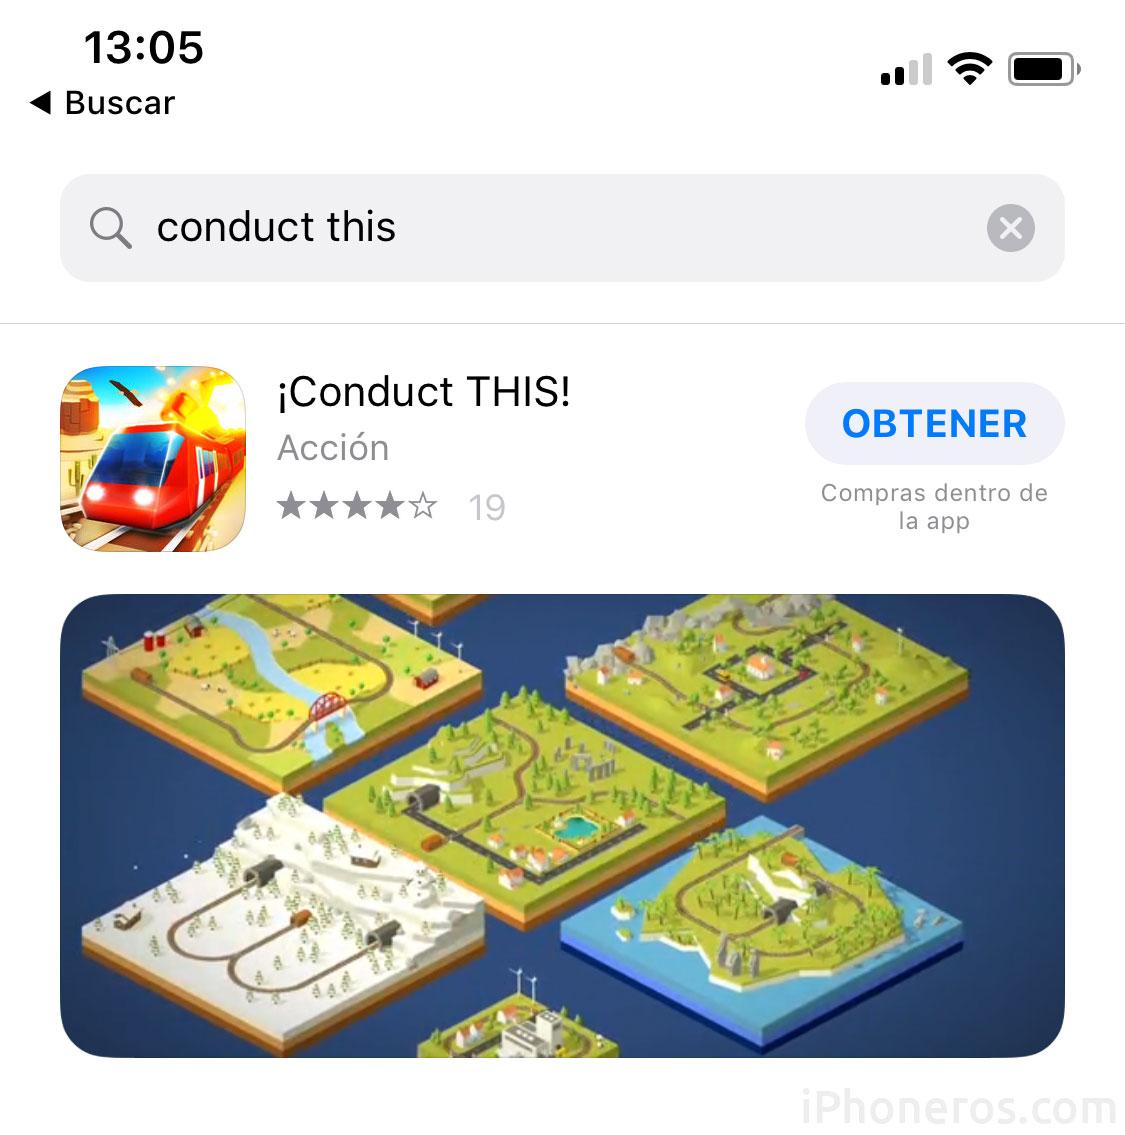 Buscando por alguna App en la App Store